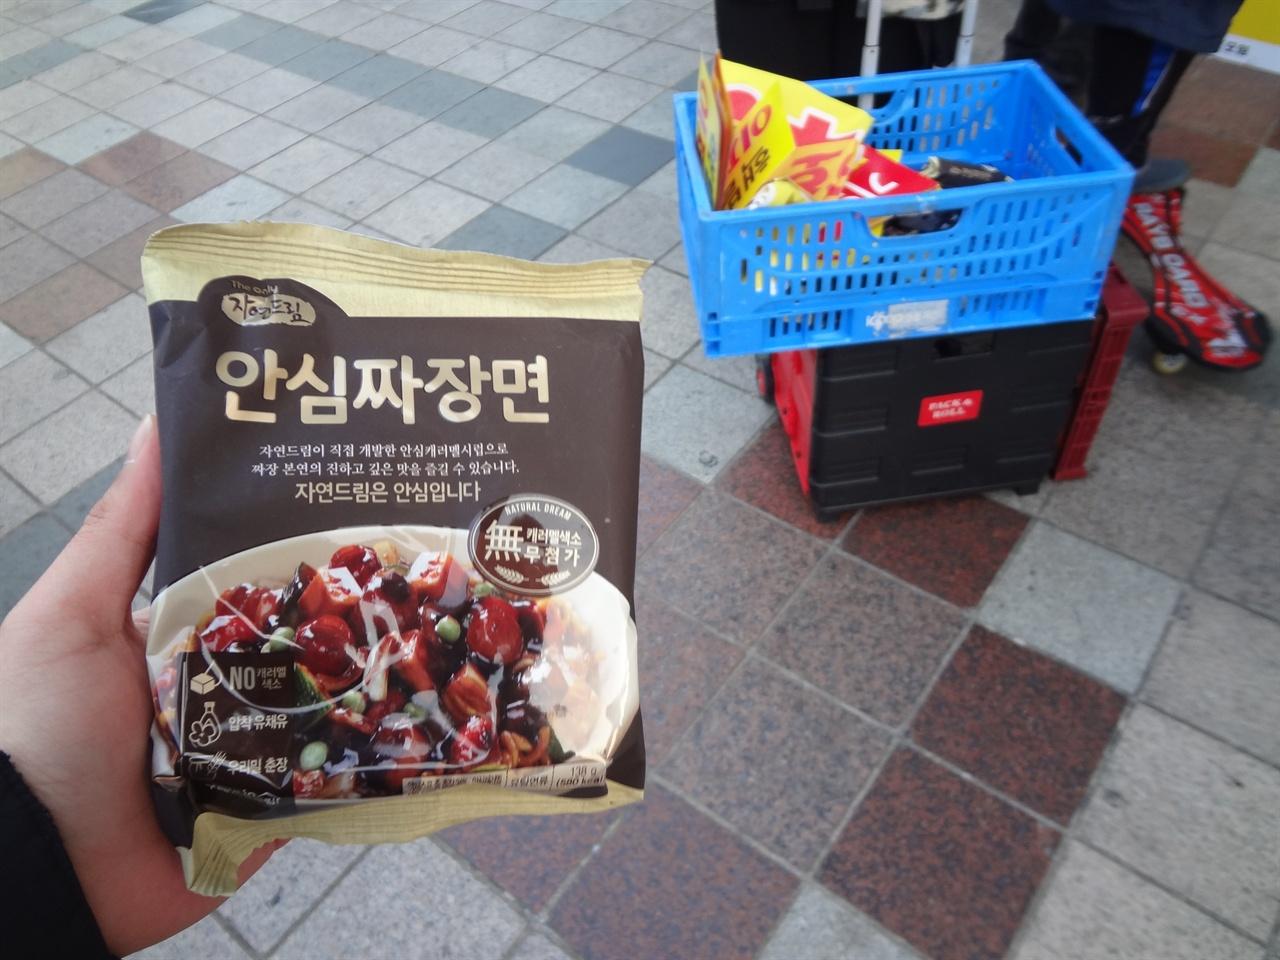 박근혜 탄핵기념으로 받은 <안심짜장면> 탈핵관련 시민단체에서 대통령 탄핵된 기념으로 시민들에게 짜장 라면을 무료로 나눠주고 있다.